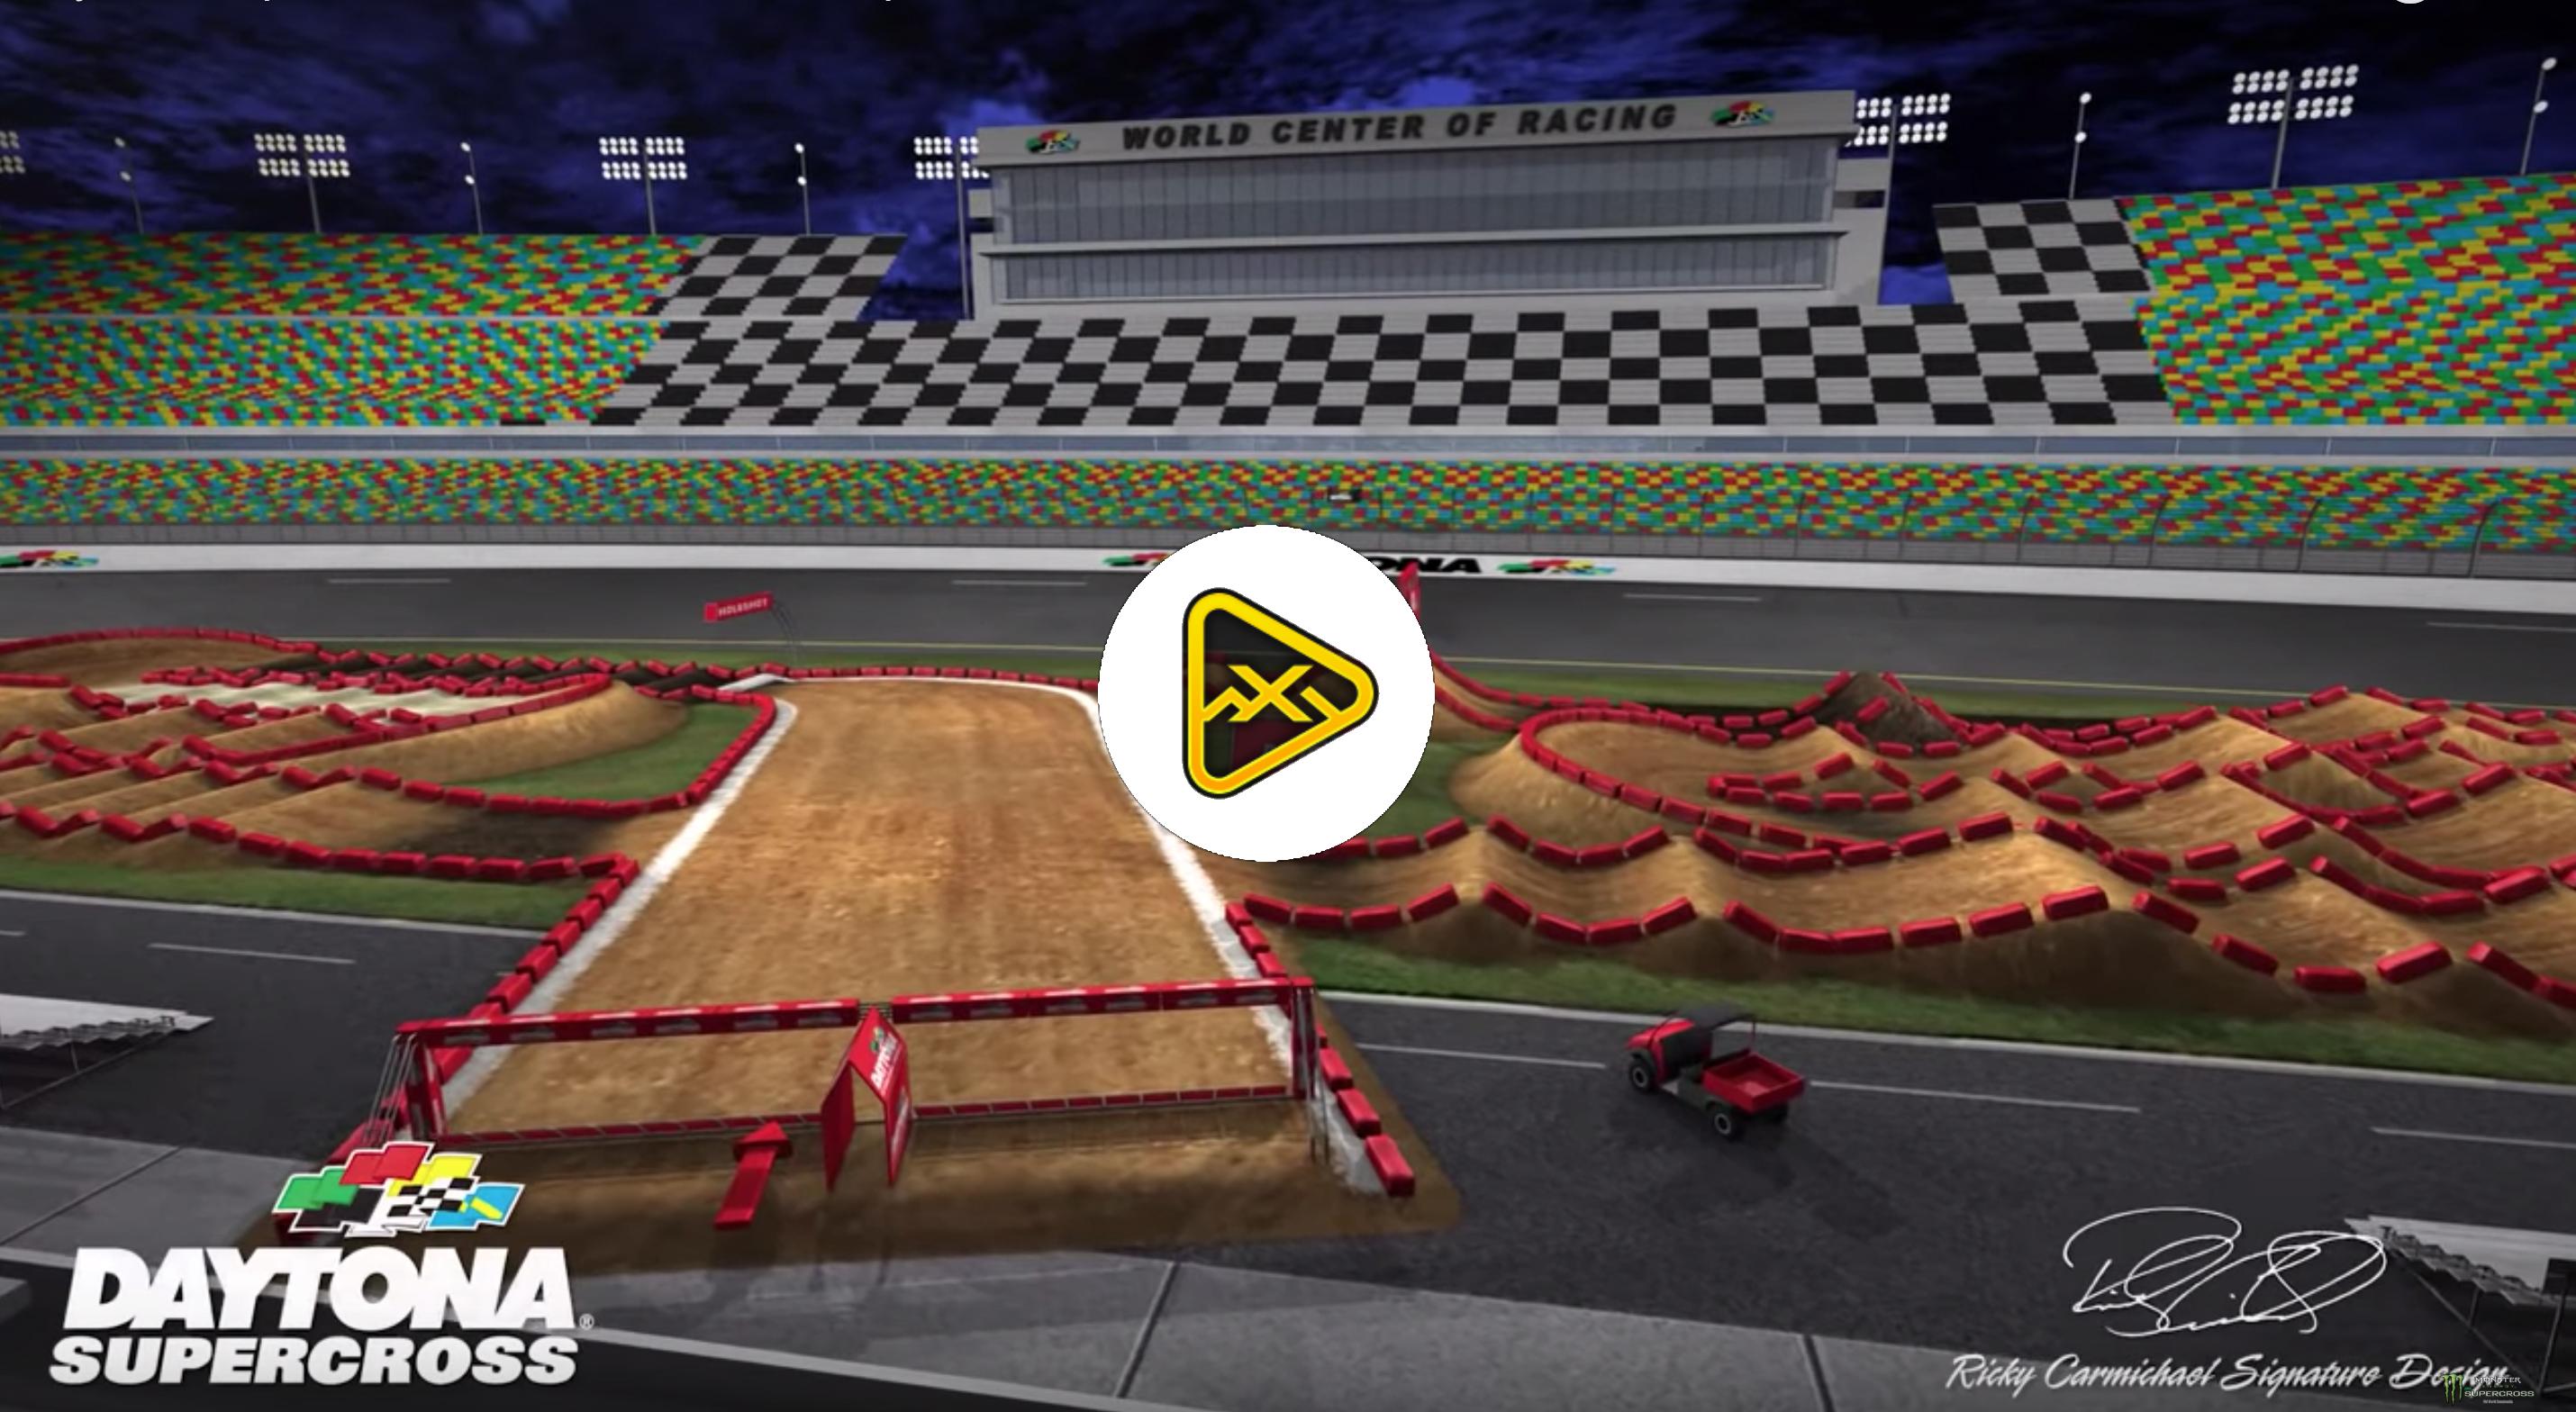 2019 Daytona SX Animated Track Map